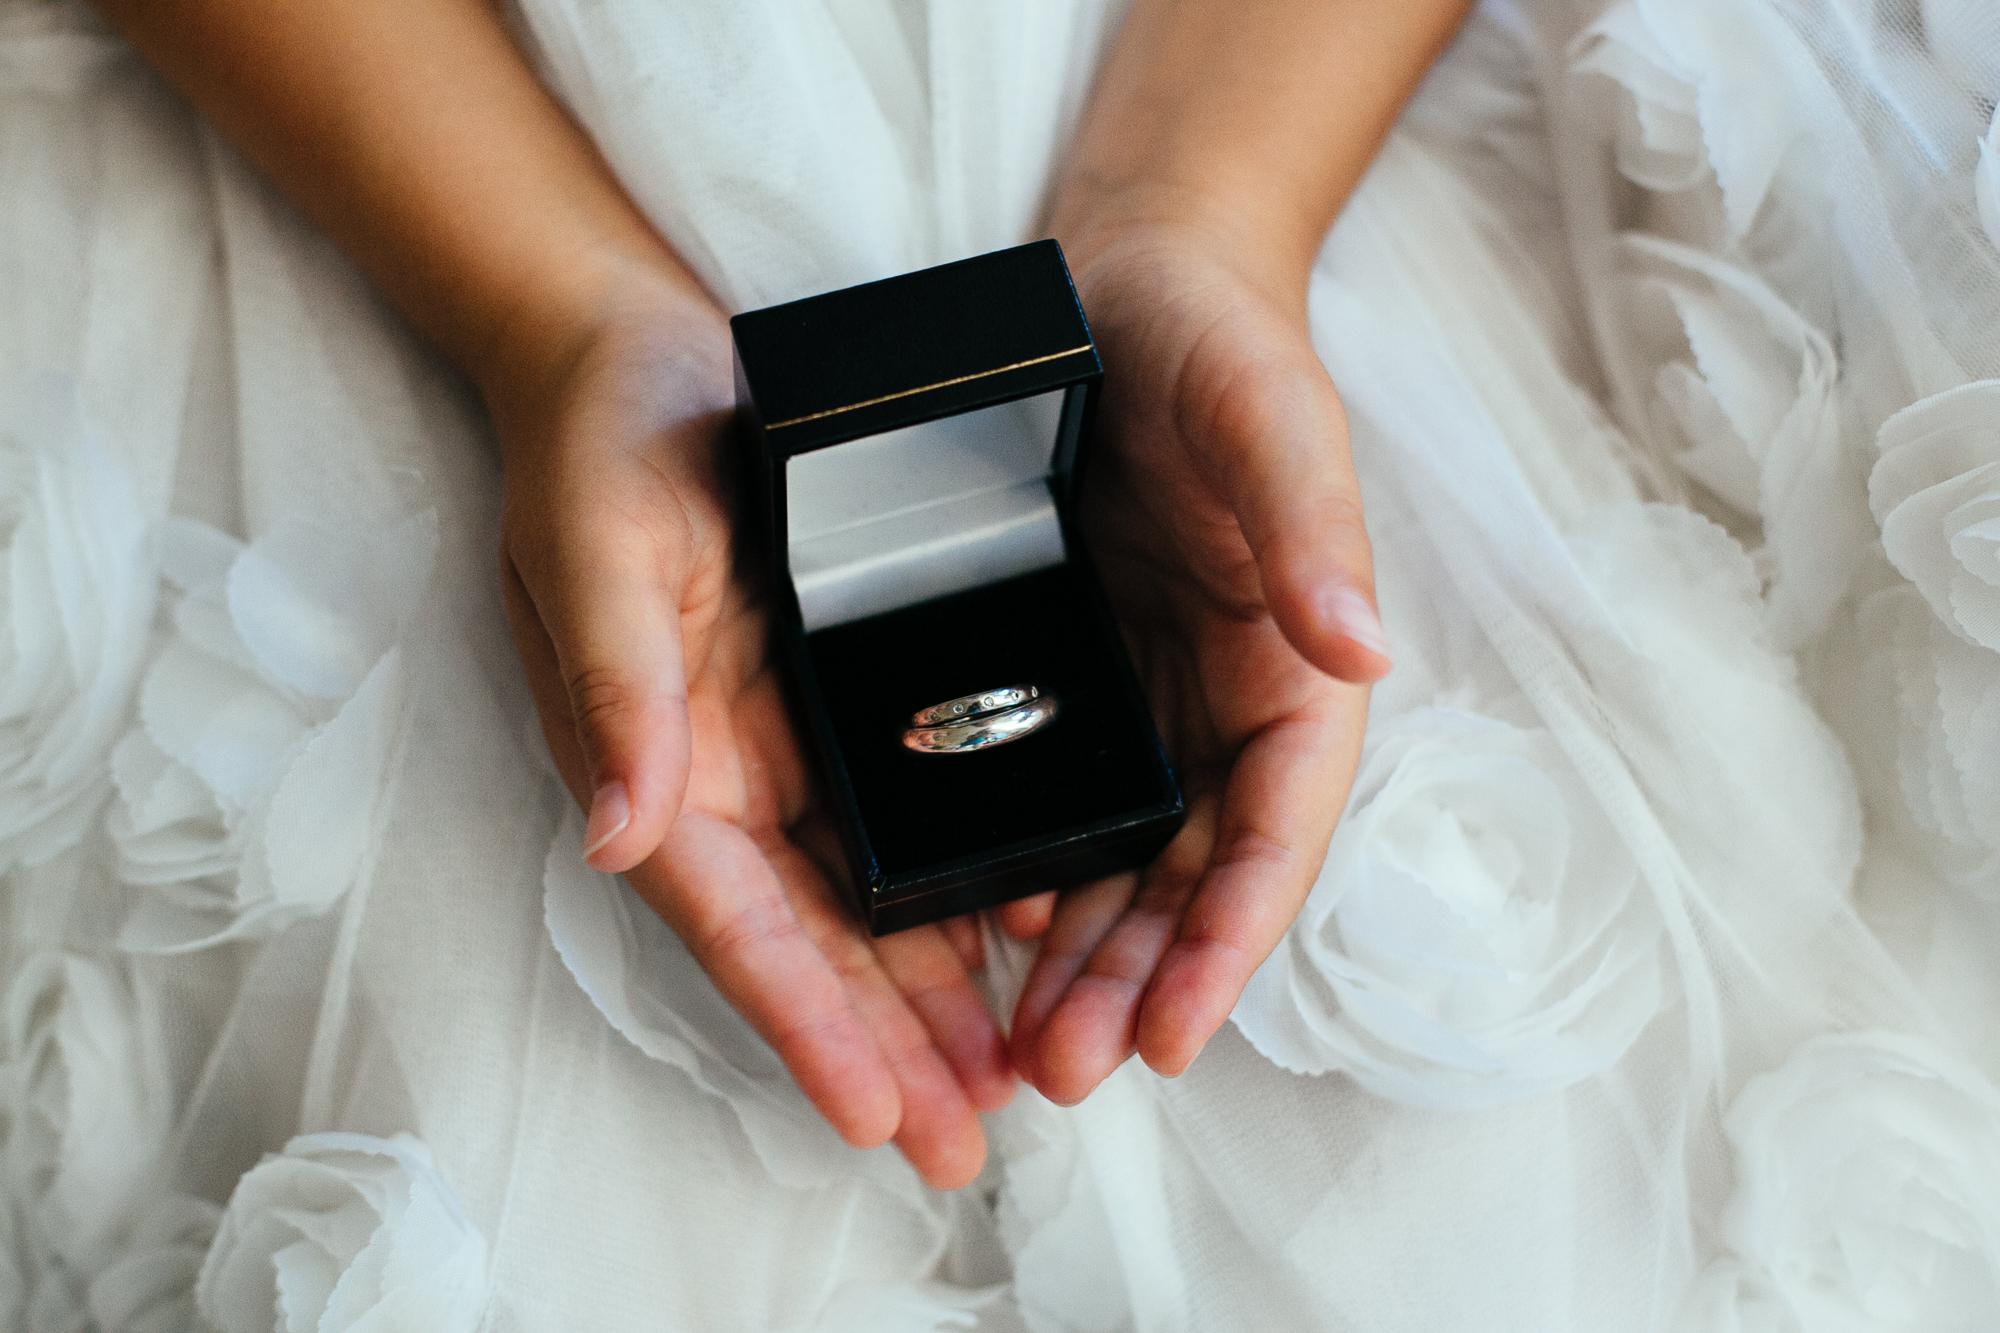 child hand holding wedding ring wedding photography